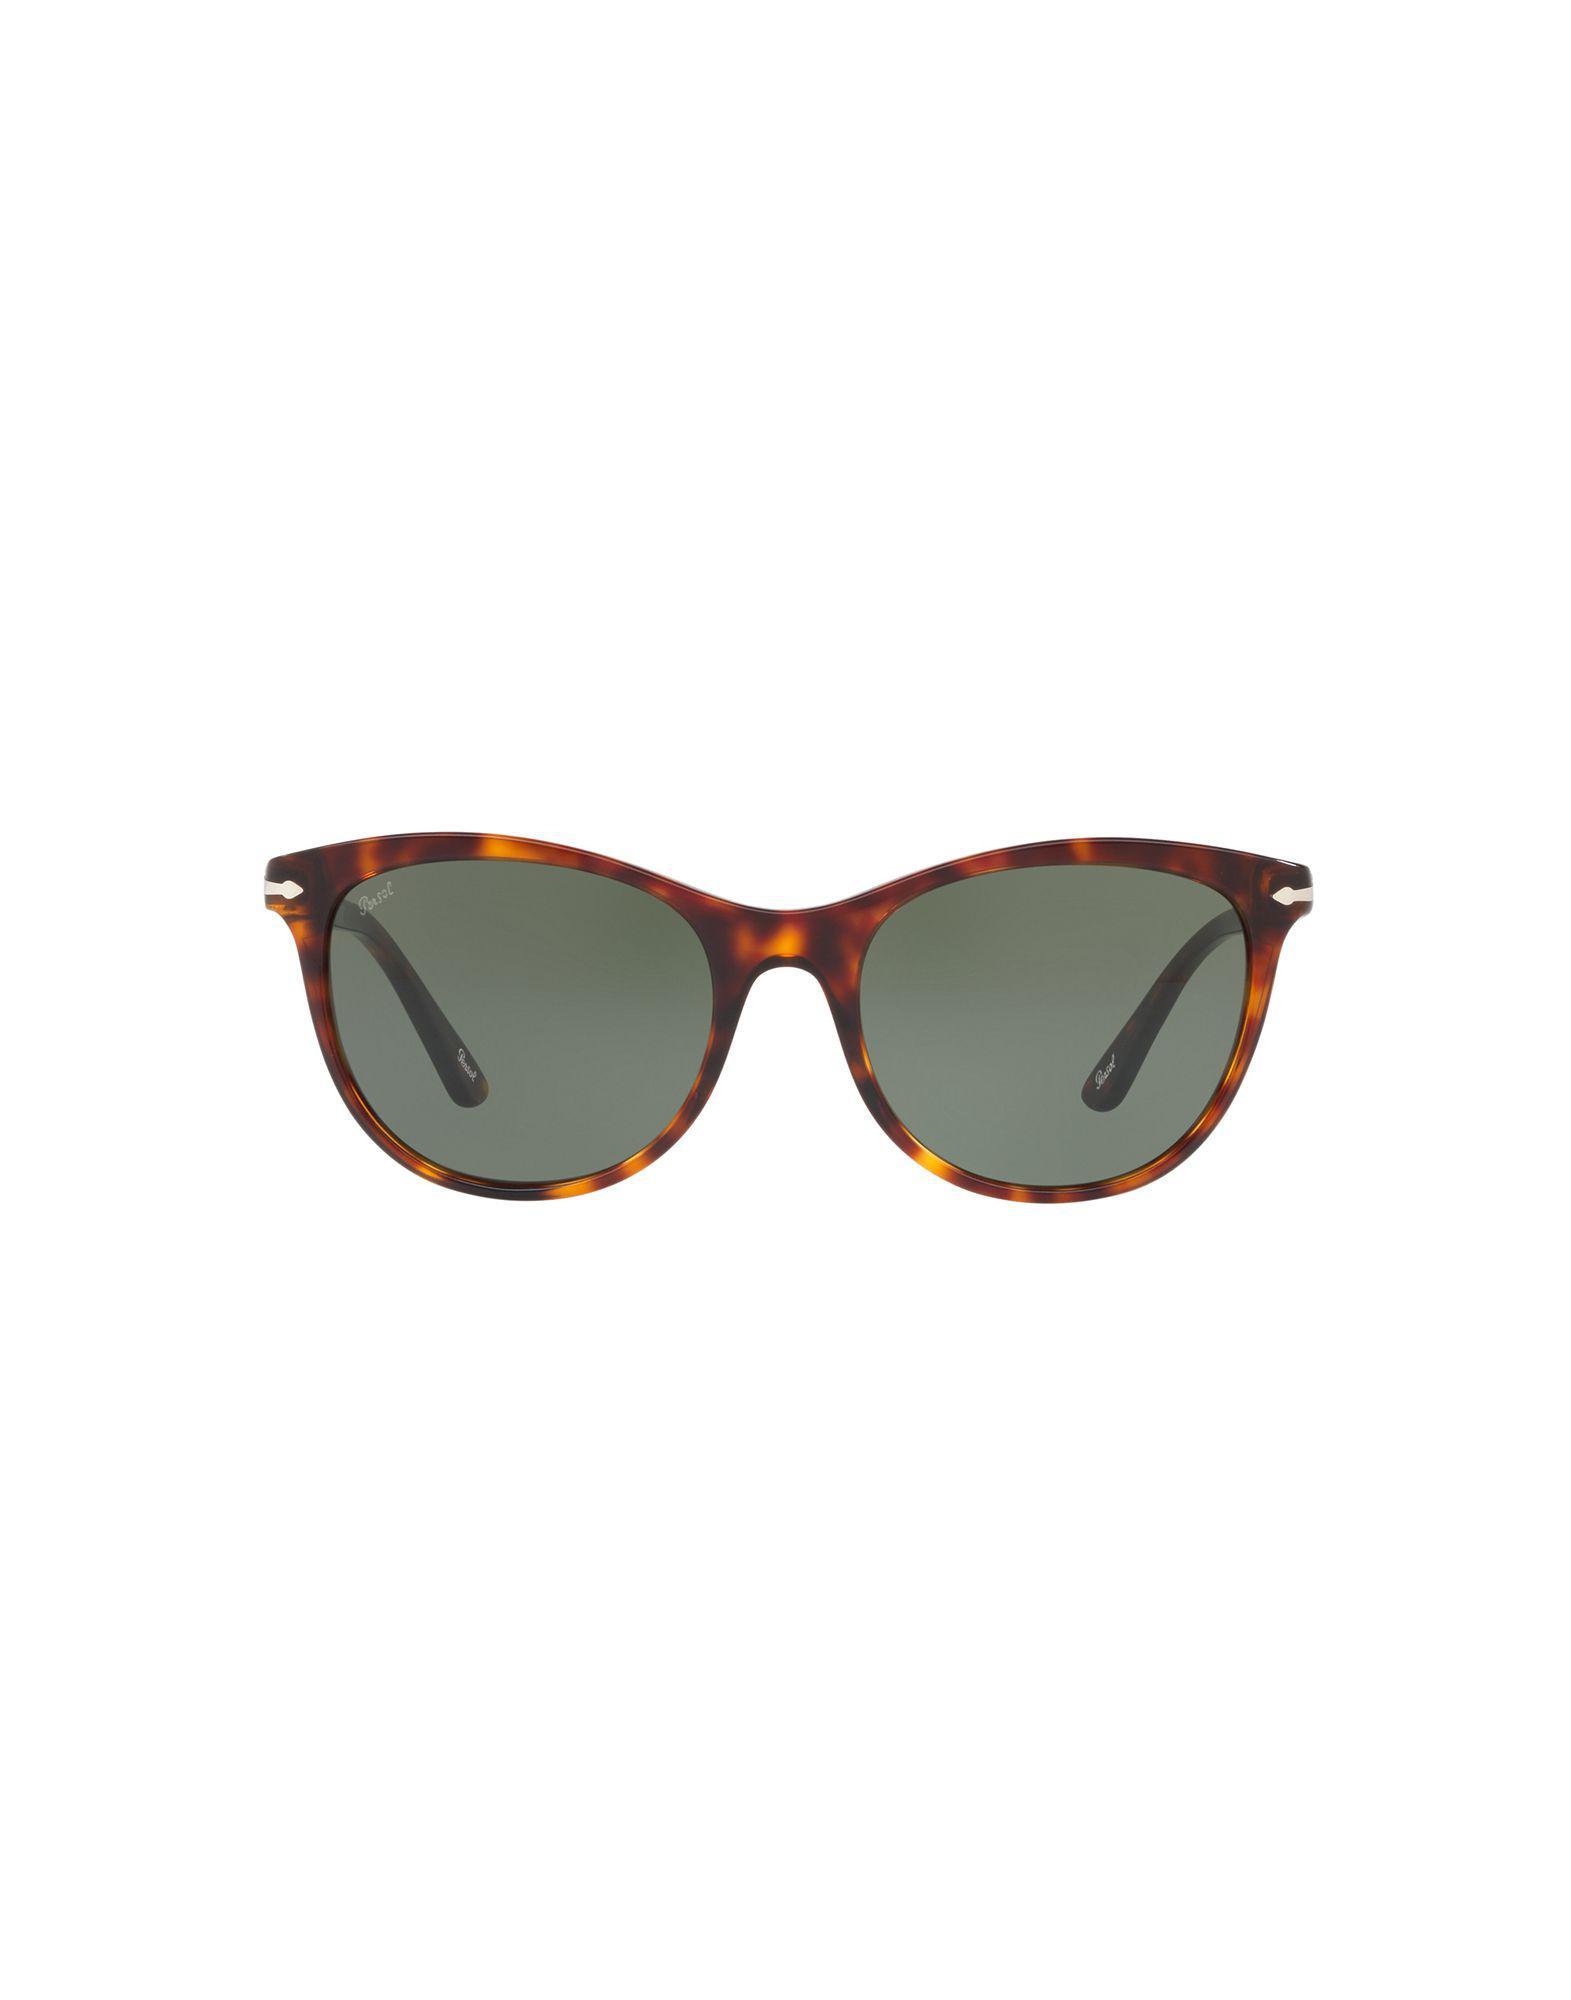 f62fdd0da9791 Persol Sunglasses in Brown - Lyst